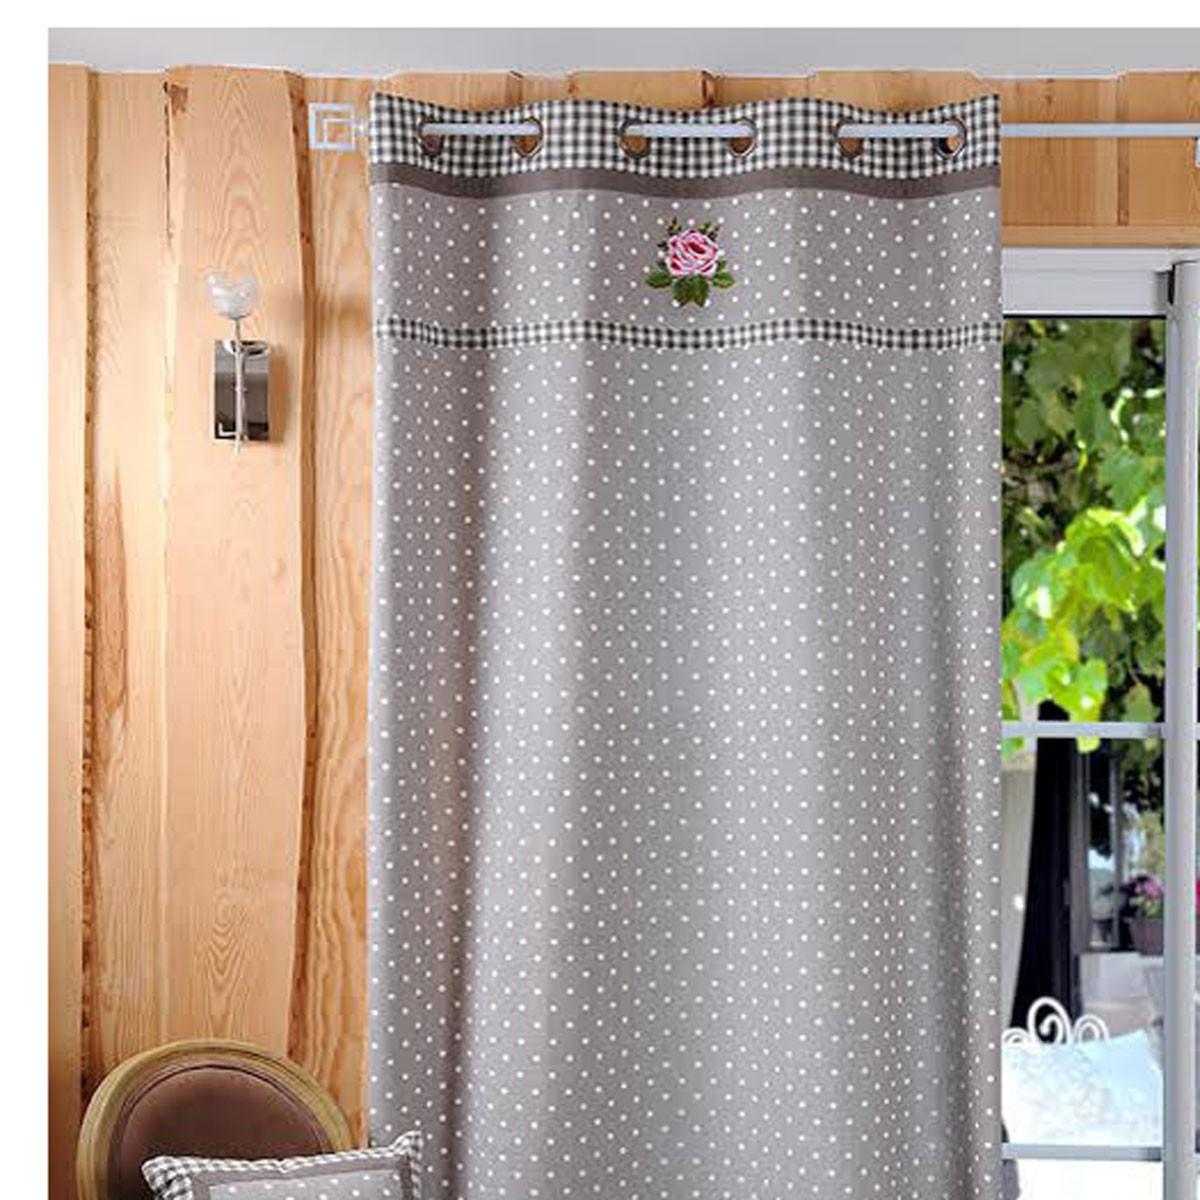 www gardinen de wohnzimmer gardinen f r eine sch n erg nzte inneneinrichtung gardinen archive. Black Bedroom Furniture Sets. Home Design Ideas